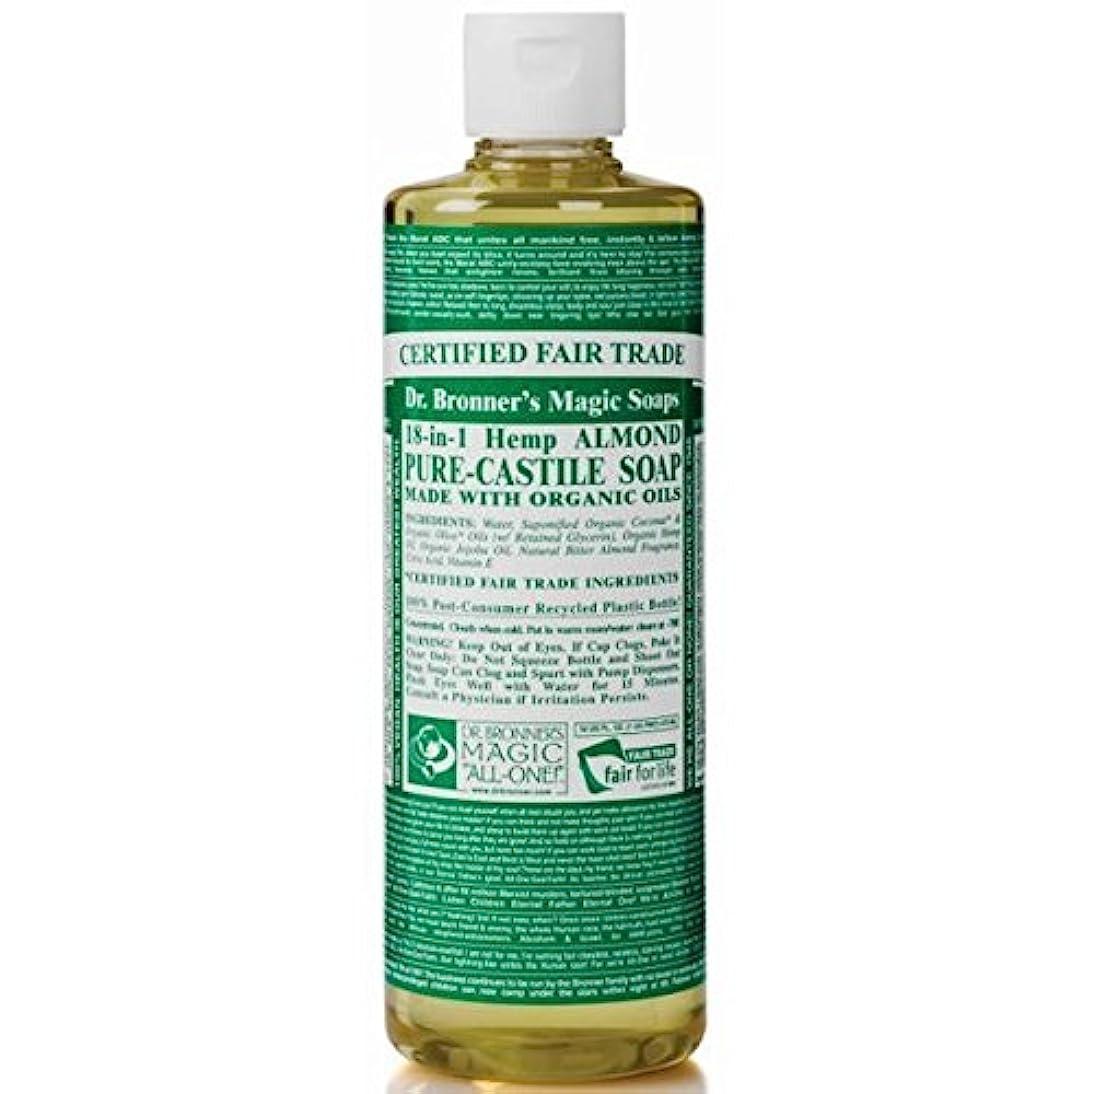 極めて重要な先生祖先のブロナー有機アーモンドカスティーリャ液体石鹸237ミリリットル x4 - Dr Bronner Organic Almond Castile Liquid Soap 237ml (Pack of 4) [並行輸入品]